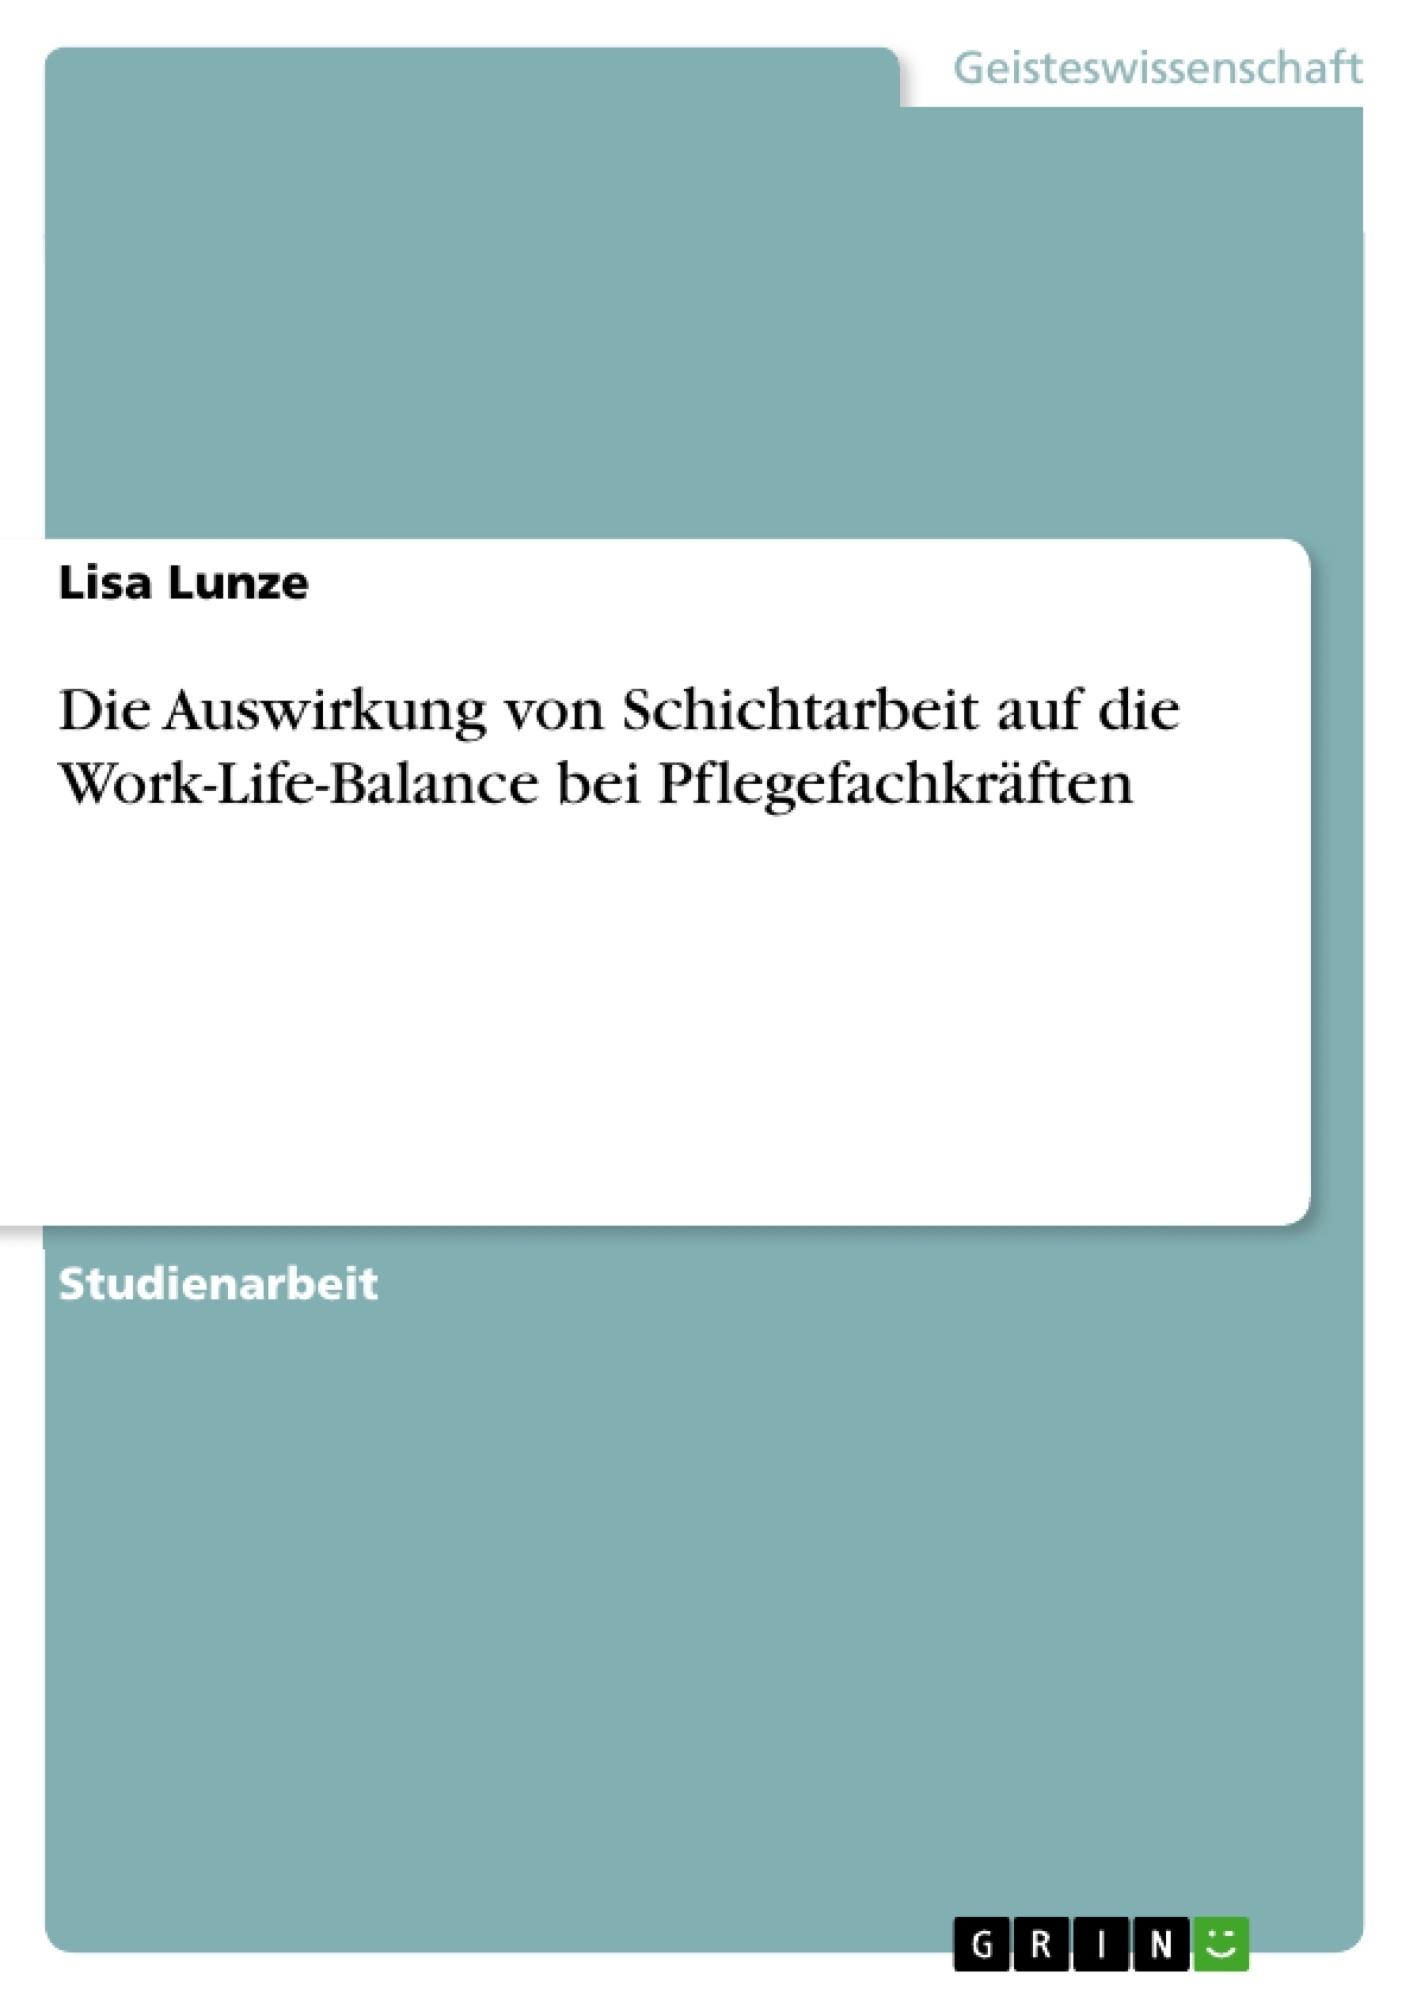 Titel: Die Auswirkung von Schichtarbeit auf die Work-Life-Balance bei Pflegefachkräften